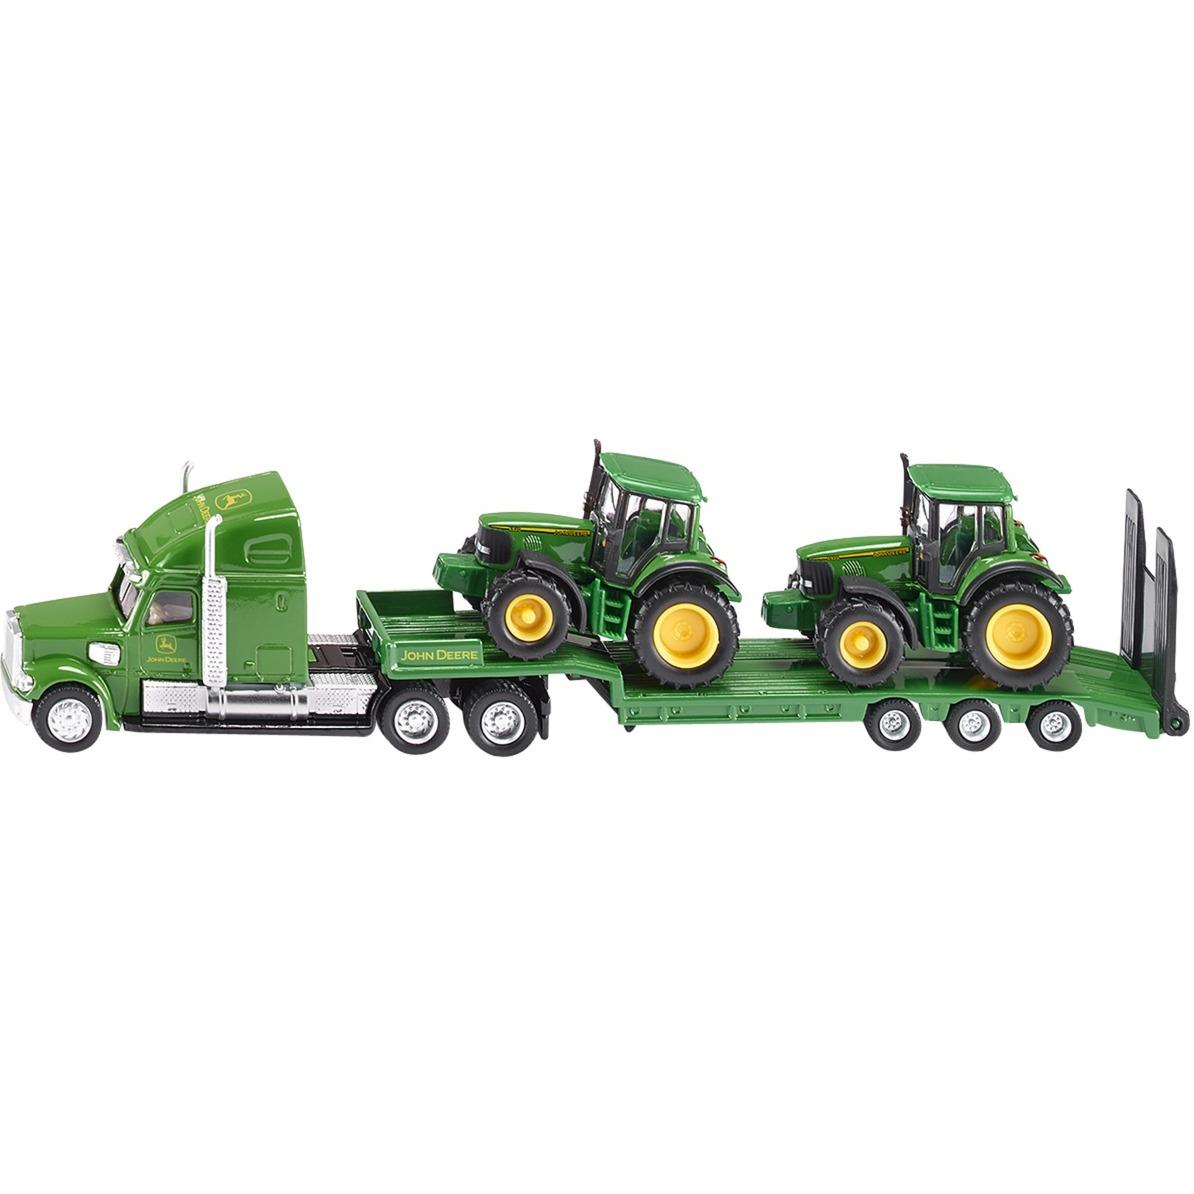 Véhicule sans piles - camion avec tracteur john deere - 1,87 ème - Métal, Modèle réduit de voiture